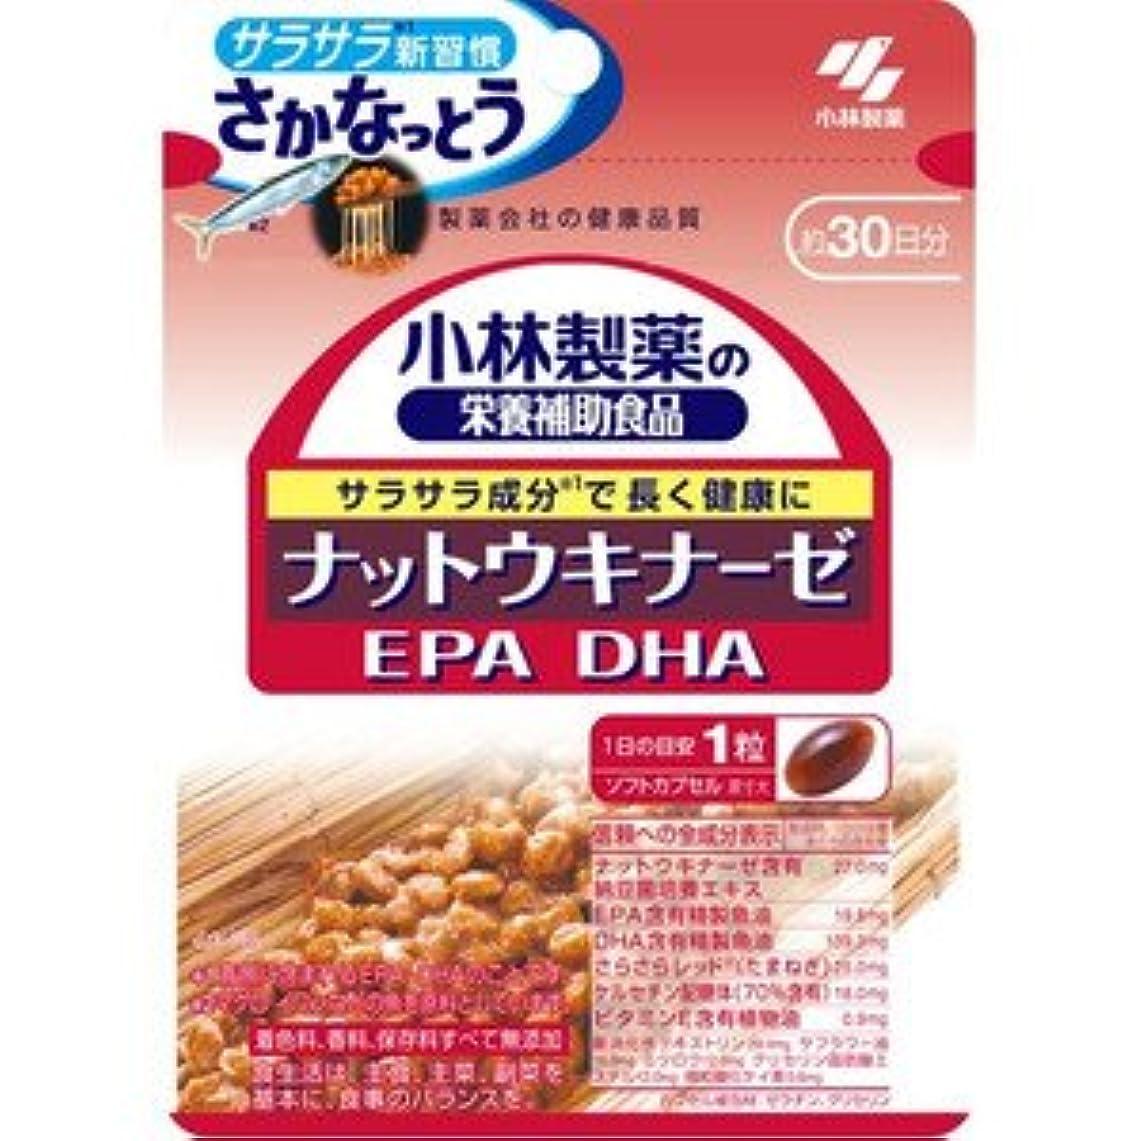 黒人子羊気性【小林製薬】ナットウキナーゼ (EPA/DHA) 30粒(お買い得3個セット)